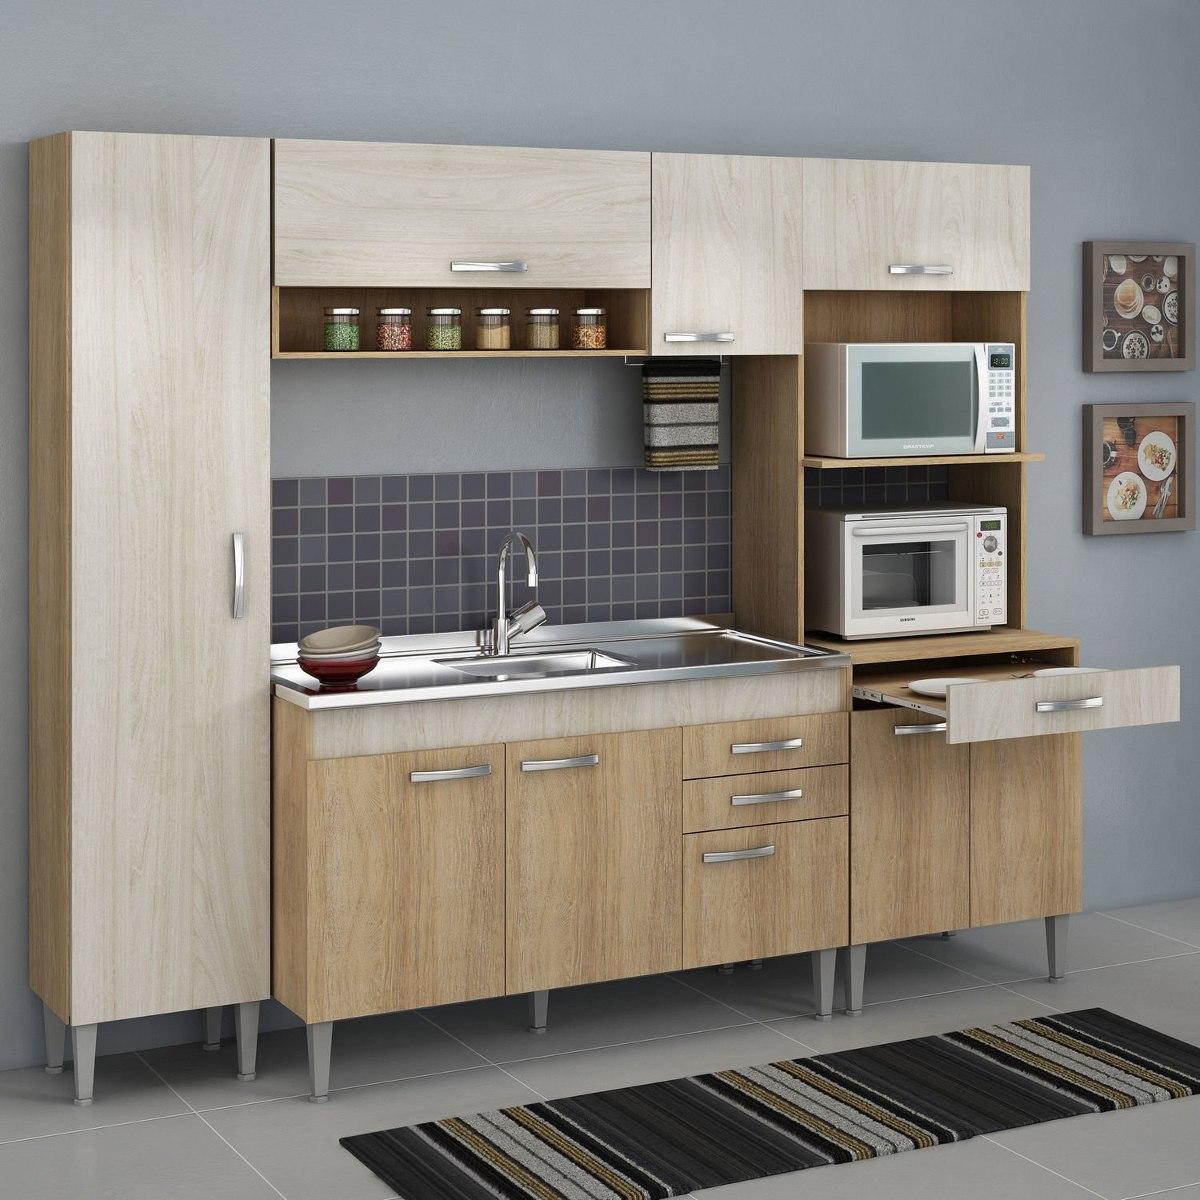 Cozinha Completa Com Balc O Sem Pia 4 Pe As 9 Portas Eb R 799 90